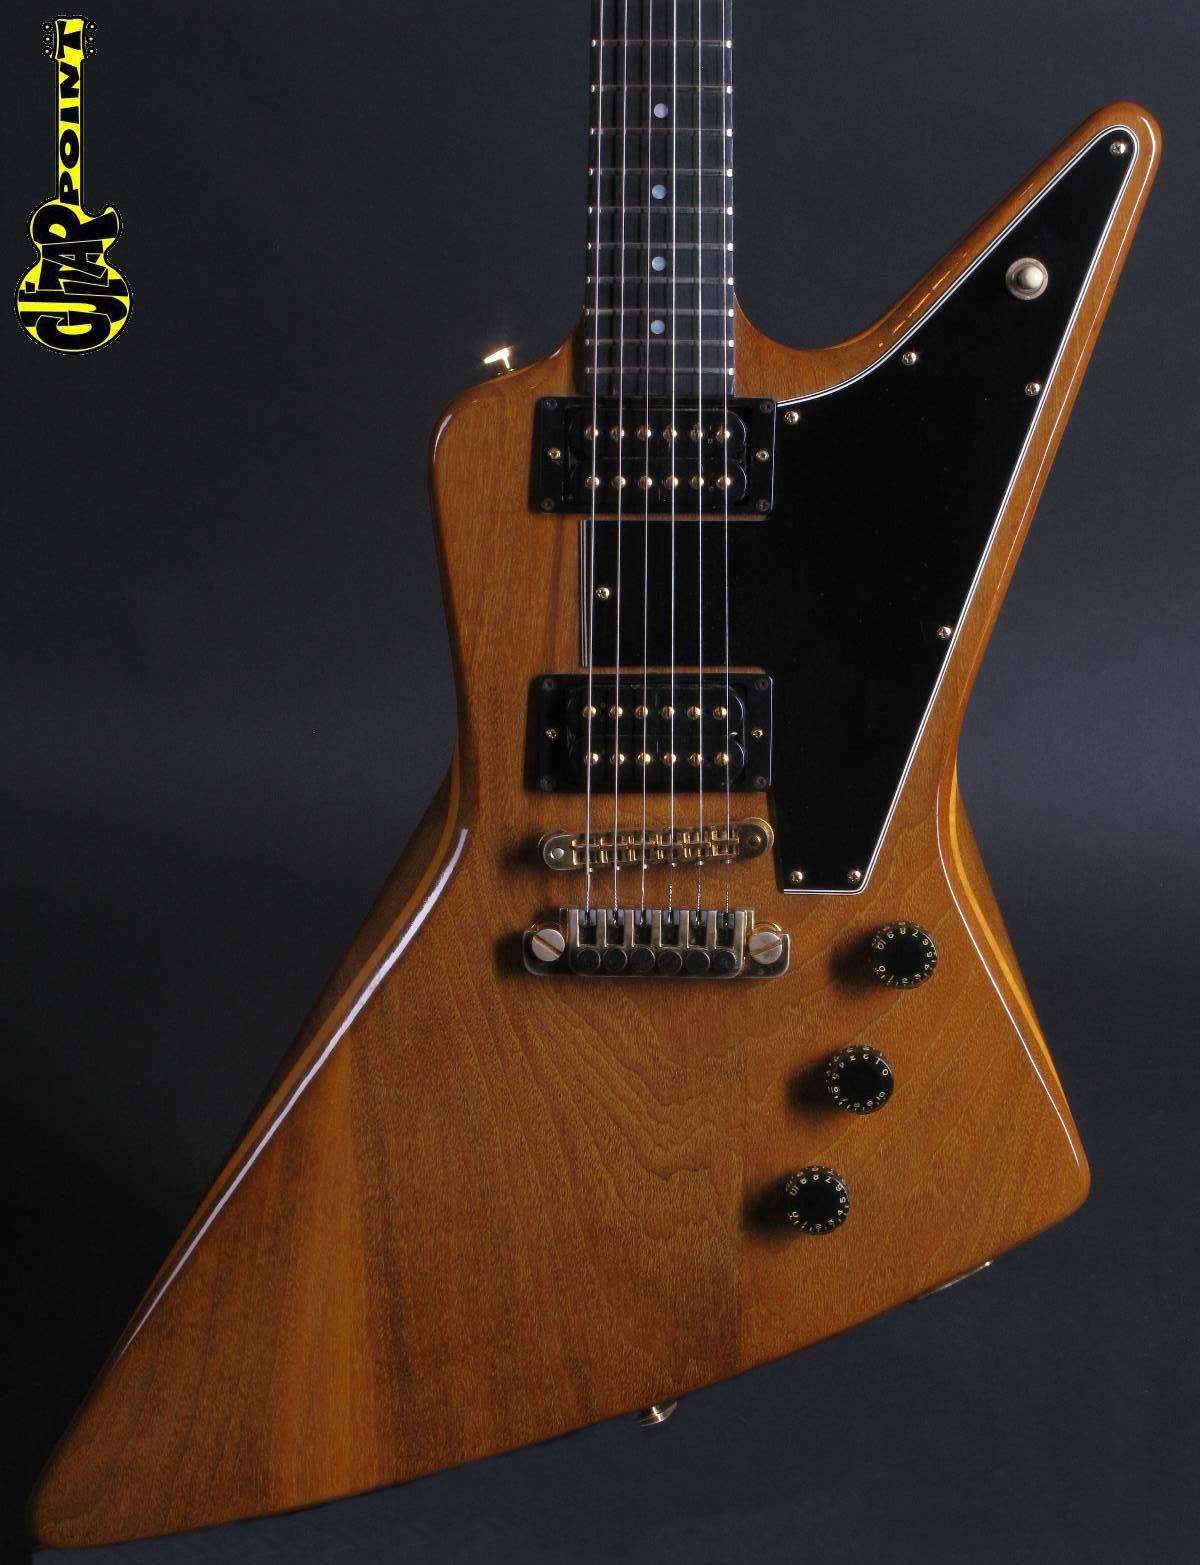 1981 Gibson Explorer E/2 - Natural